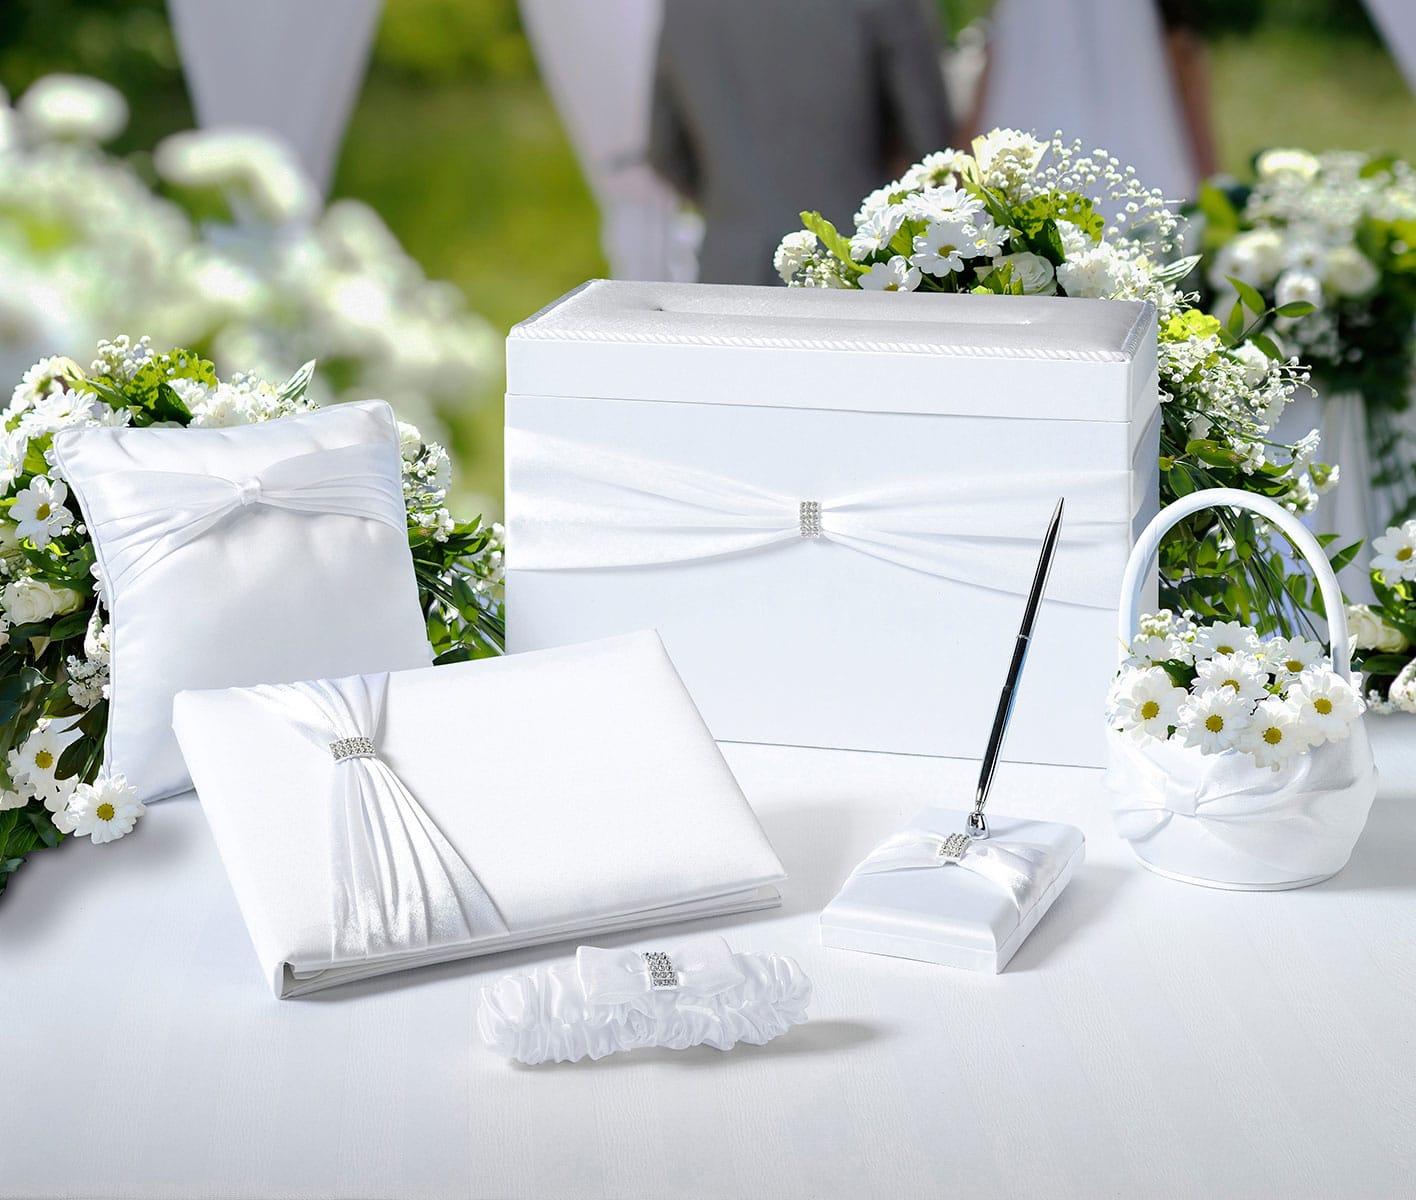 Bruiloft Collectie wit met Strass accenten